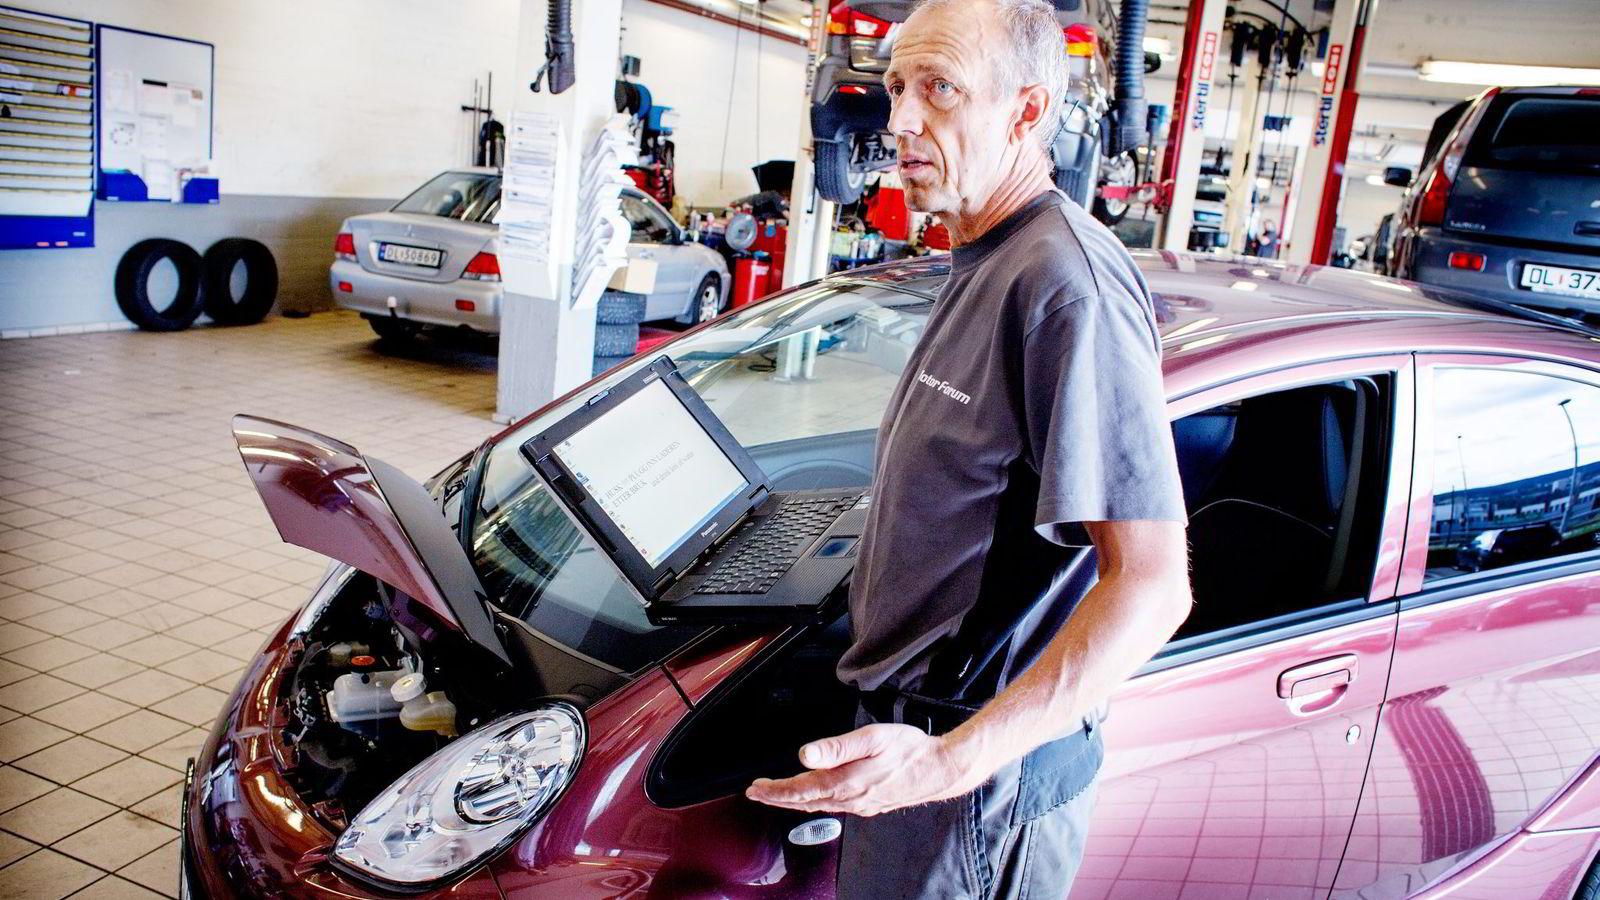 ENKEL BIL. Mekaniker Jan Erik Bøe mener han bruker kanskje halve tiden på en service på elbilen I-Miev, sammenlignet med en «vanlig» bil. Foto: Hege Hegle